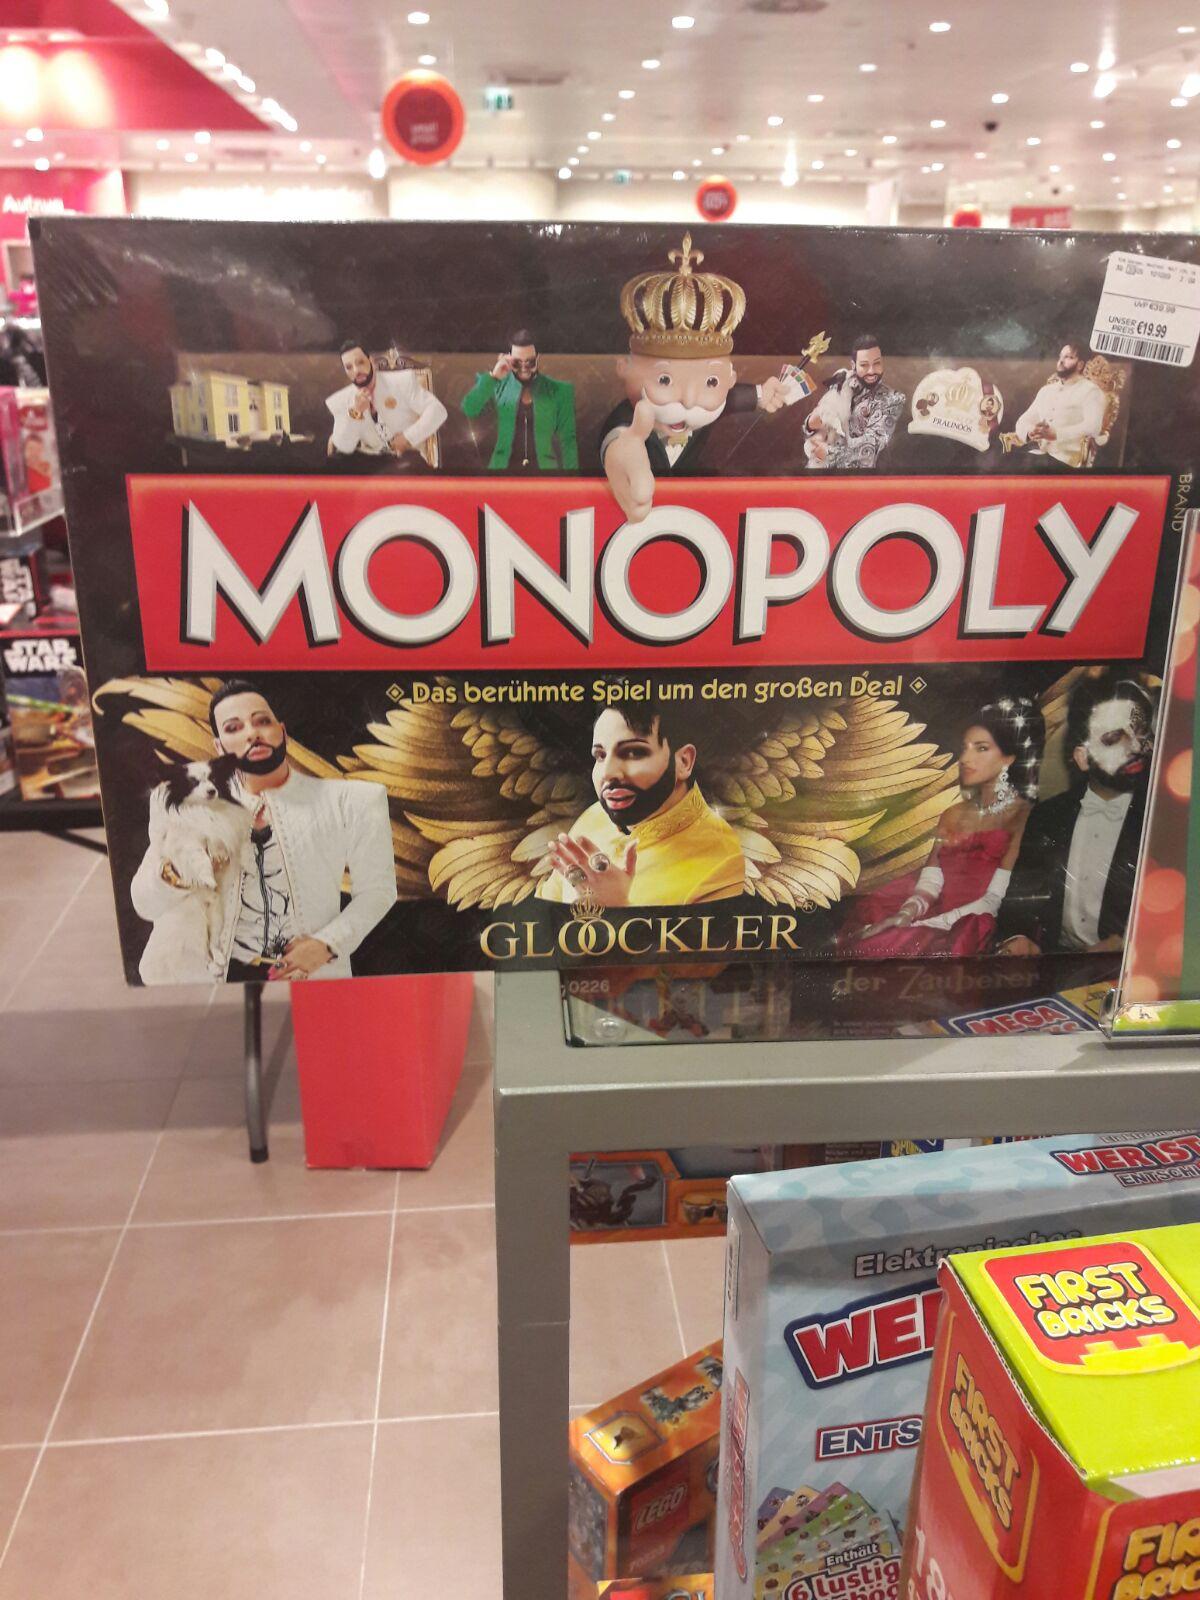 Harald Glööckler Monopoly für 20€ im TK Maxx Bremen Waterfront - nur  lokal?